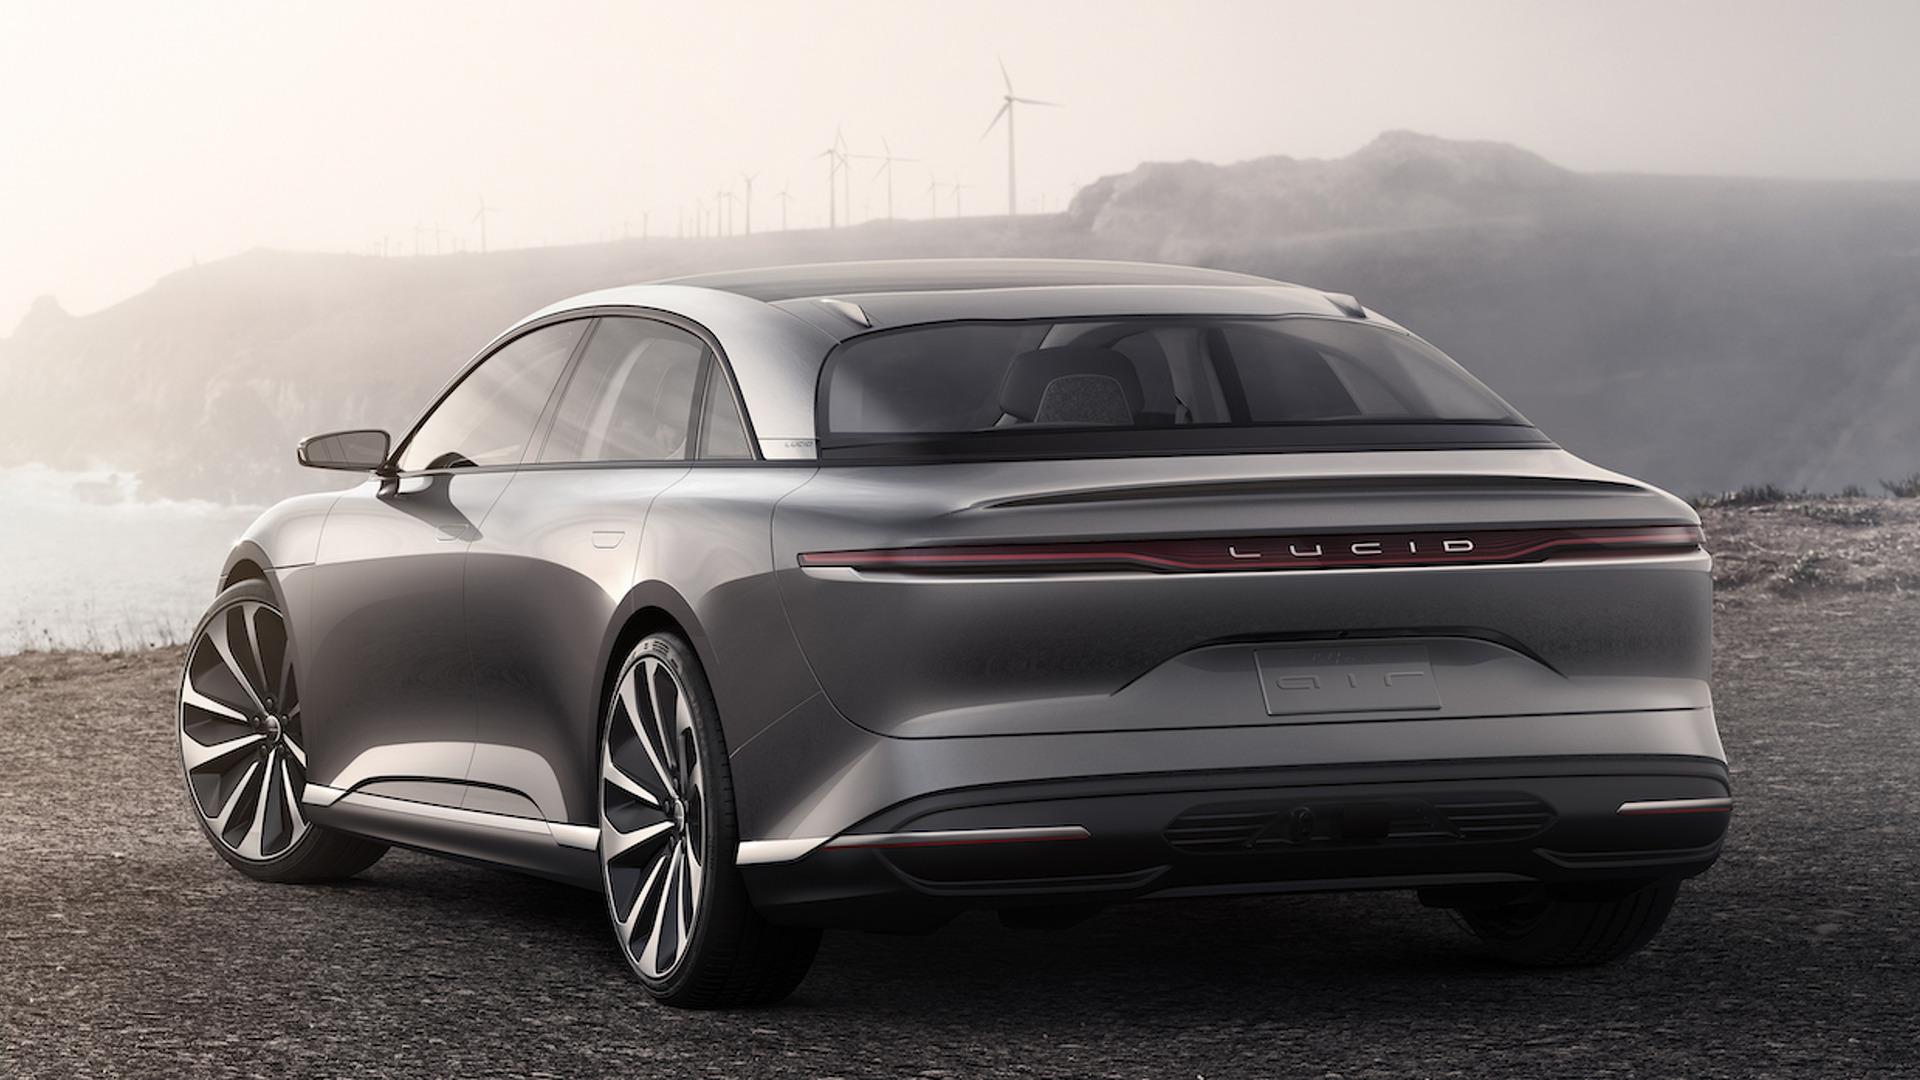 На грядущем мотор-шоу в Нью-Йорке компания Lucid представит электрический седан Air, который может похвастать сверхбыстрым разгоном до 100 км/ч за 2,5 секунды и максималкой в 378 км/ч. Для сравнения, предельная скорость Tesla Model S равна 250 км/ч.